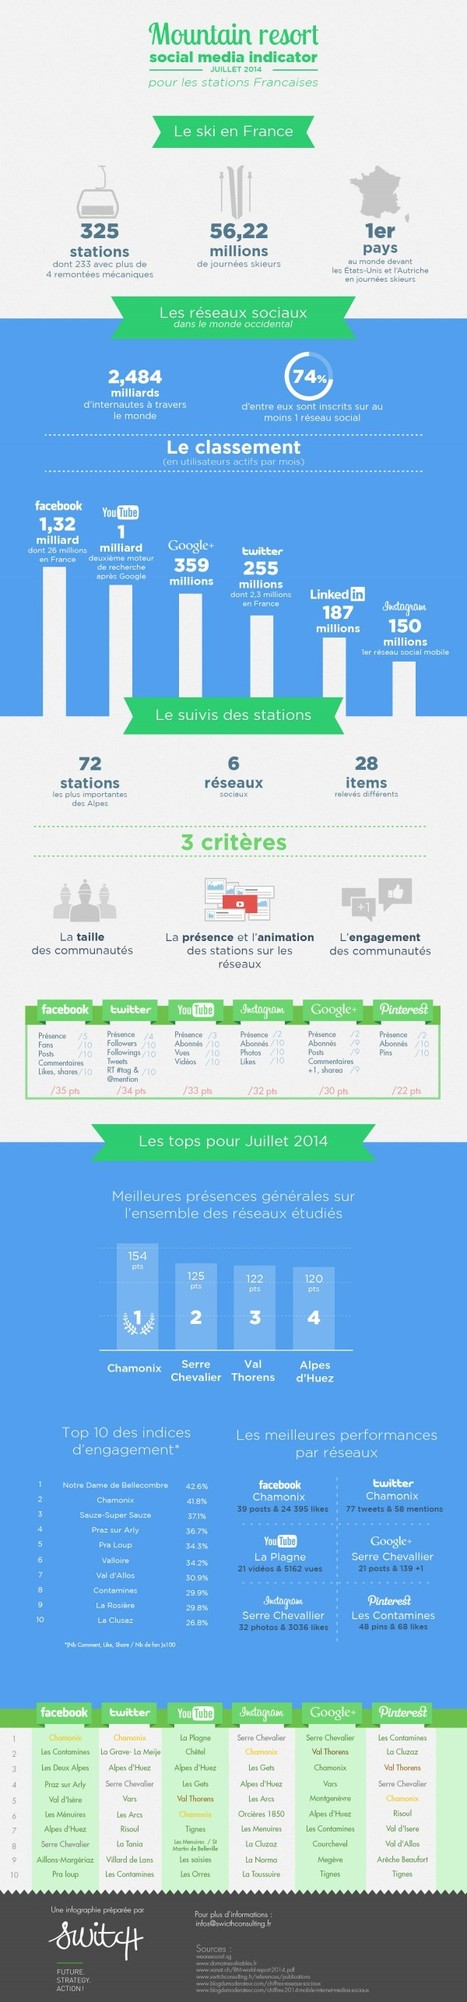 SWiTCH lance son baromètre mensuel des stations de ski françaises sur les réseaux sociaux | World tourism | Scoop.it